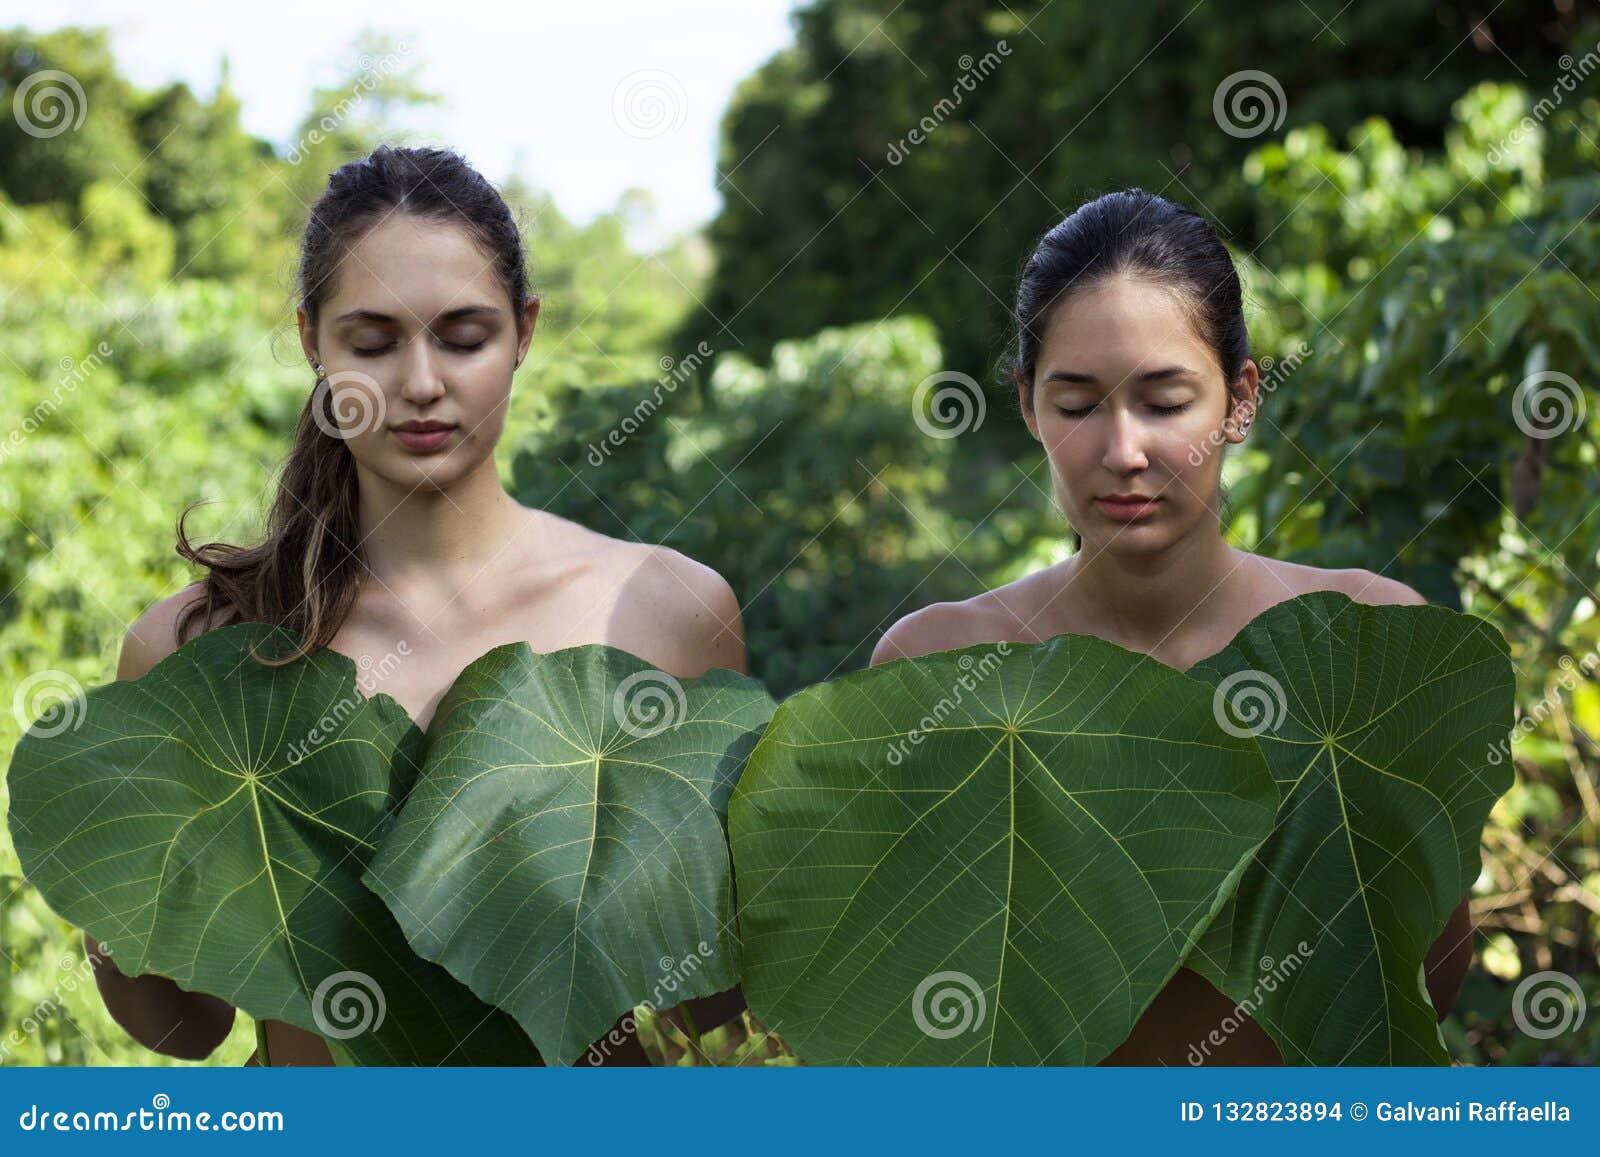 chicas asiáticas desnudas pulgar uñas